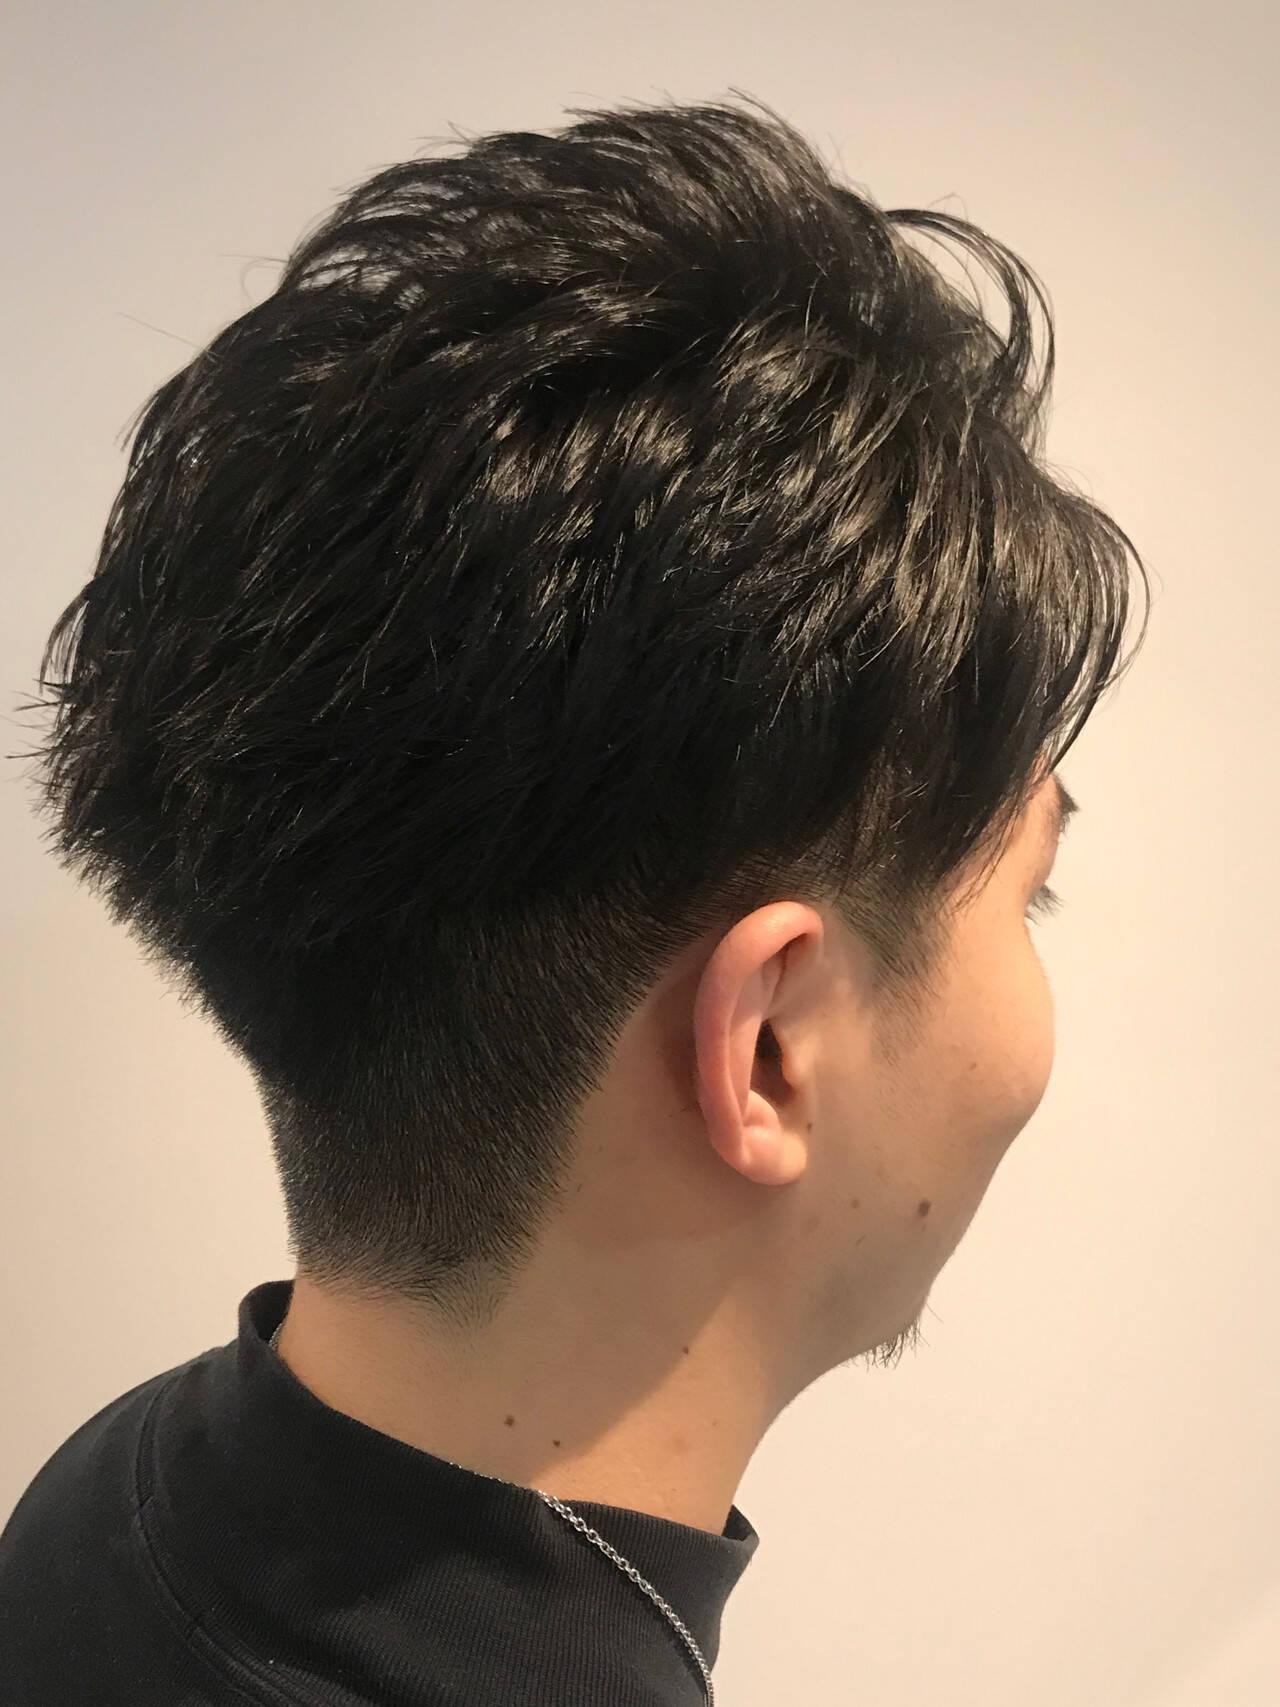 ストリート メンズ メンズカット 刈り上げヘアスタイルや髪型の写真・画像